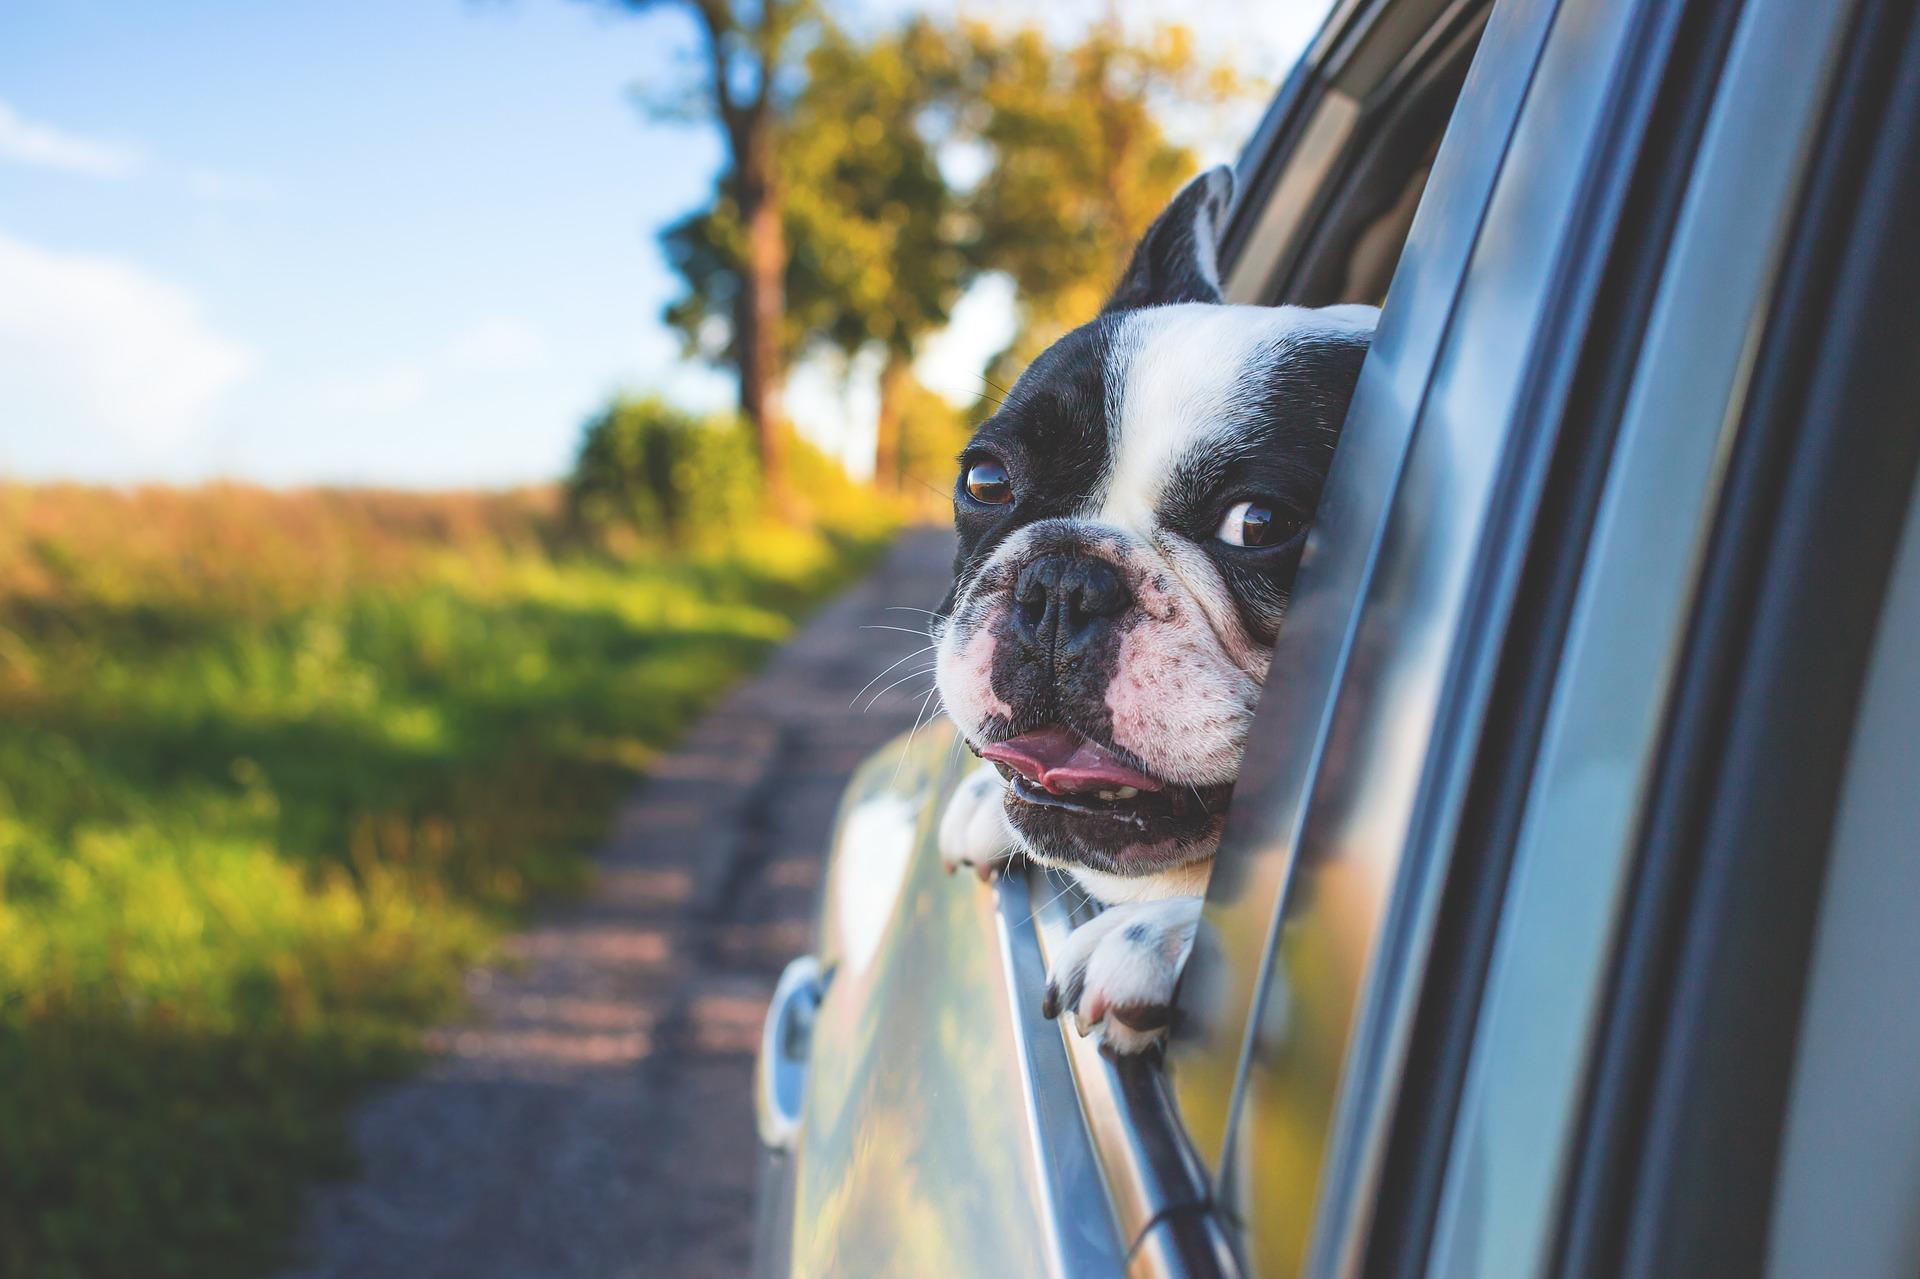 dog g3f6732ec0 1920 - Los beneficios de cuidar de mascotas para alcanzar el bienestar